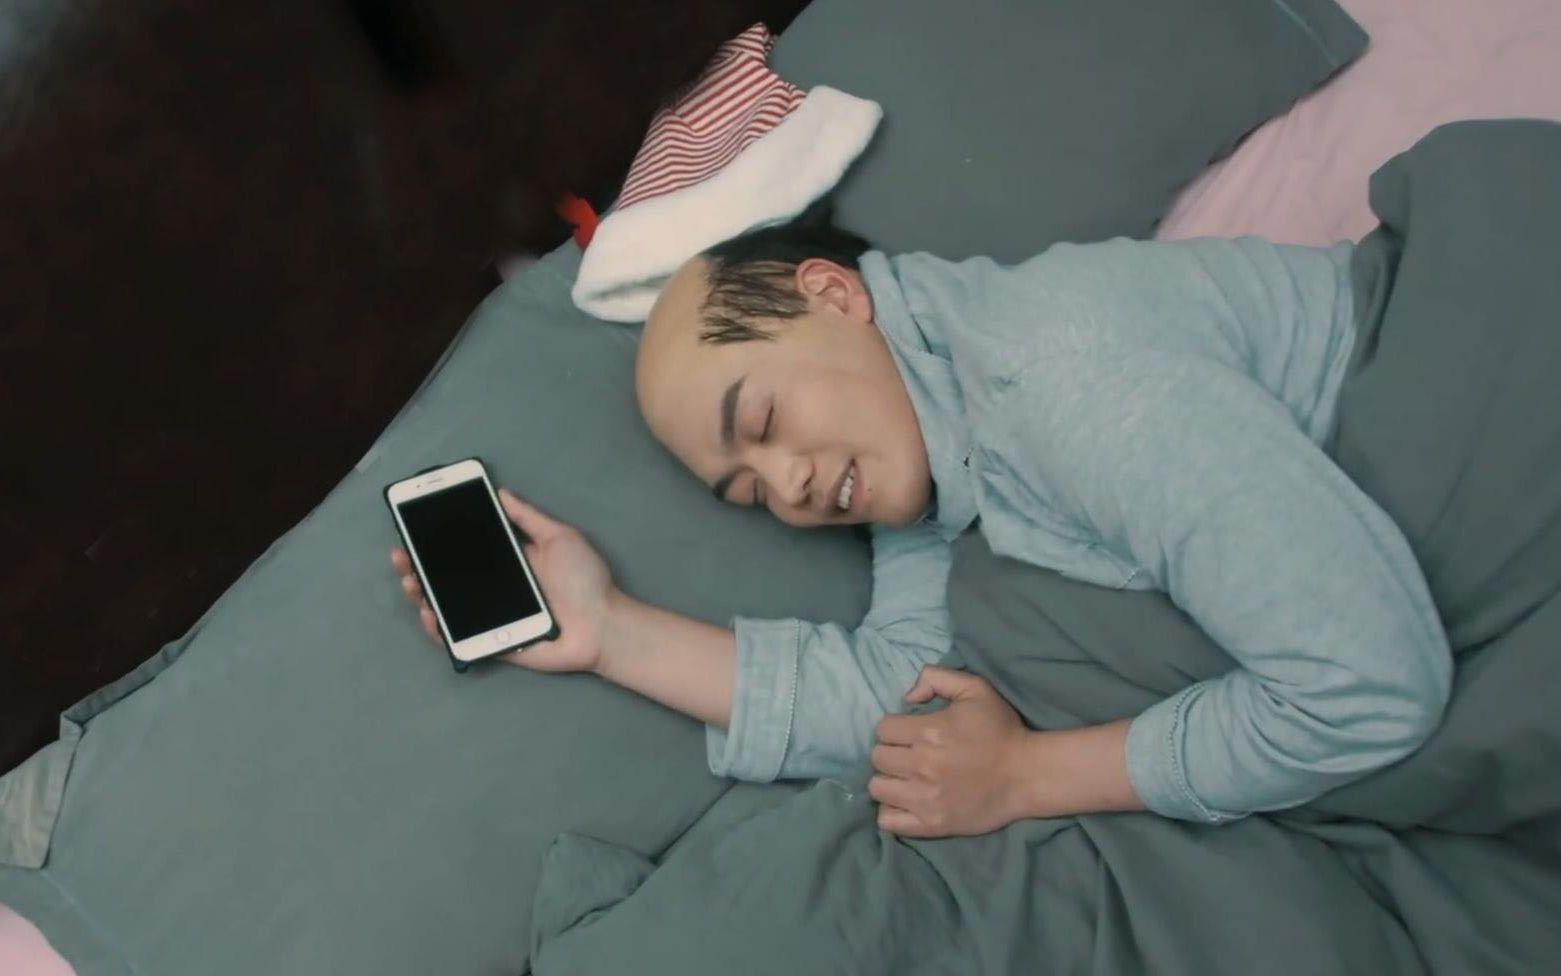 2030年脱发病毒爆发,感染者都会变成秃瓢,只有戒掉手机才能痊愈